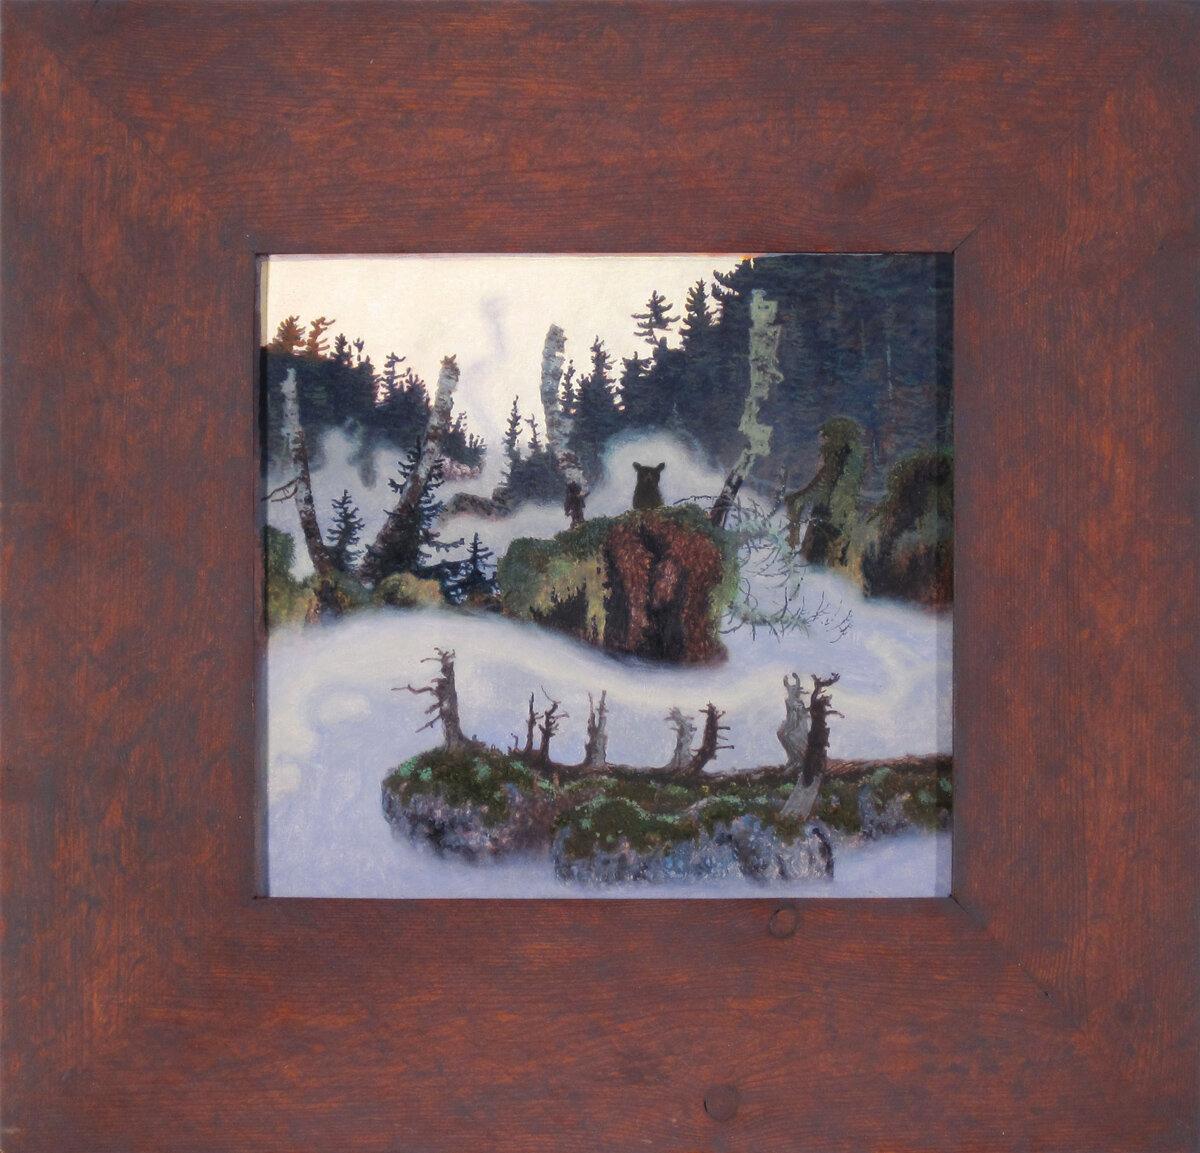 """AKANDOWININI (911), Oil on Museum Board, 9 x 9 1/2"""""""